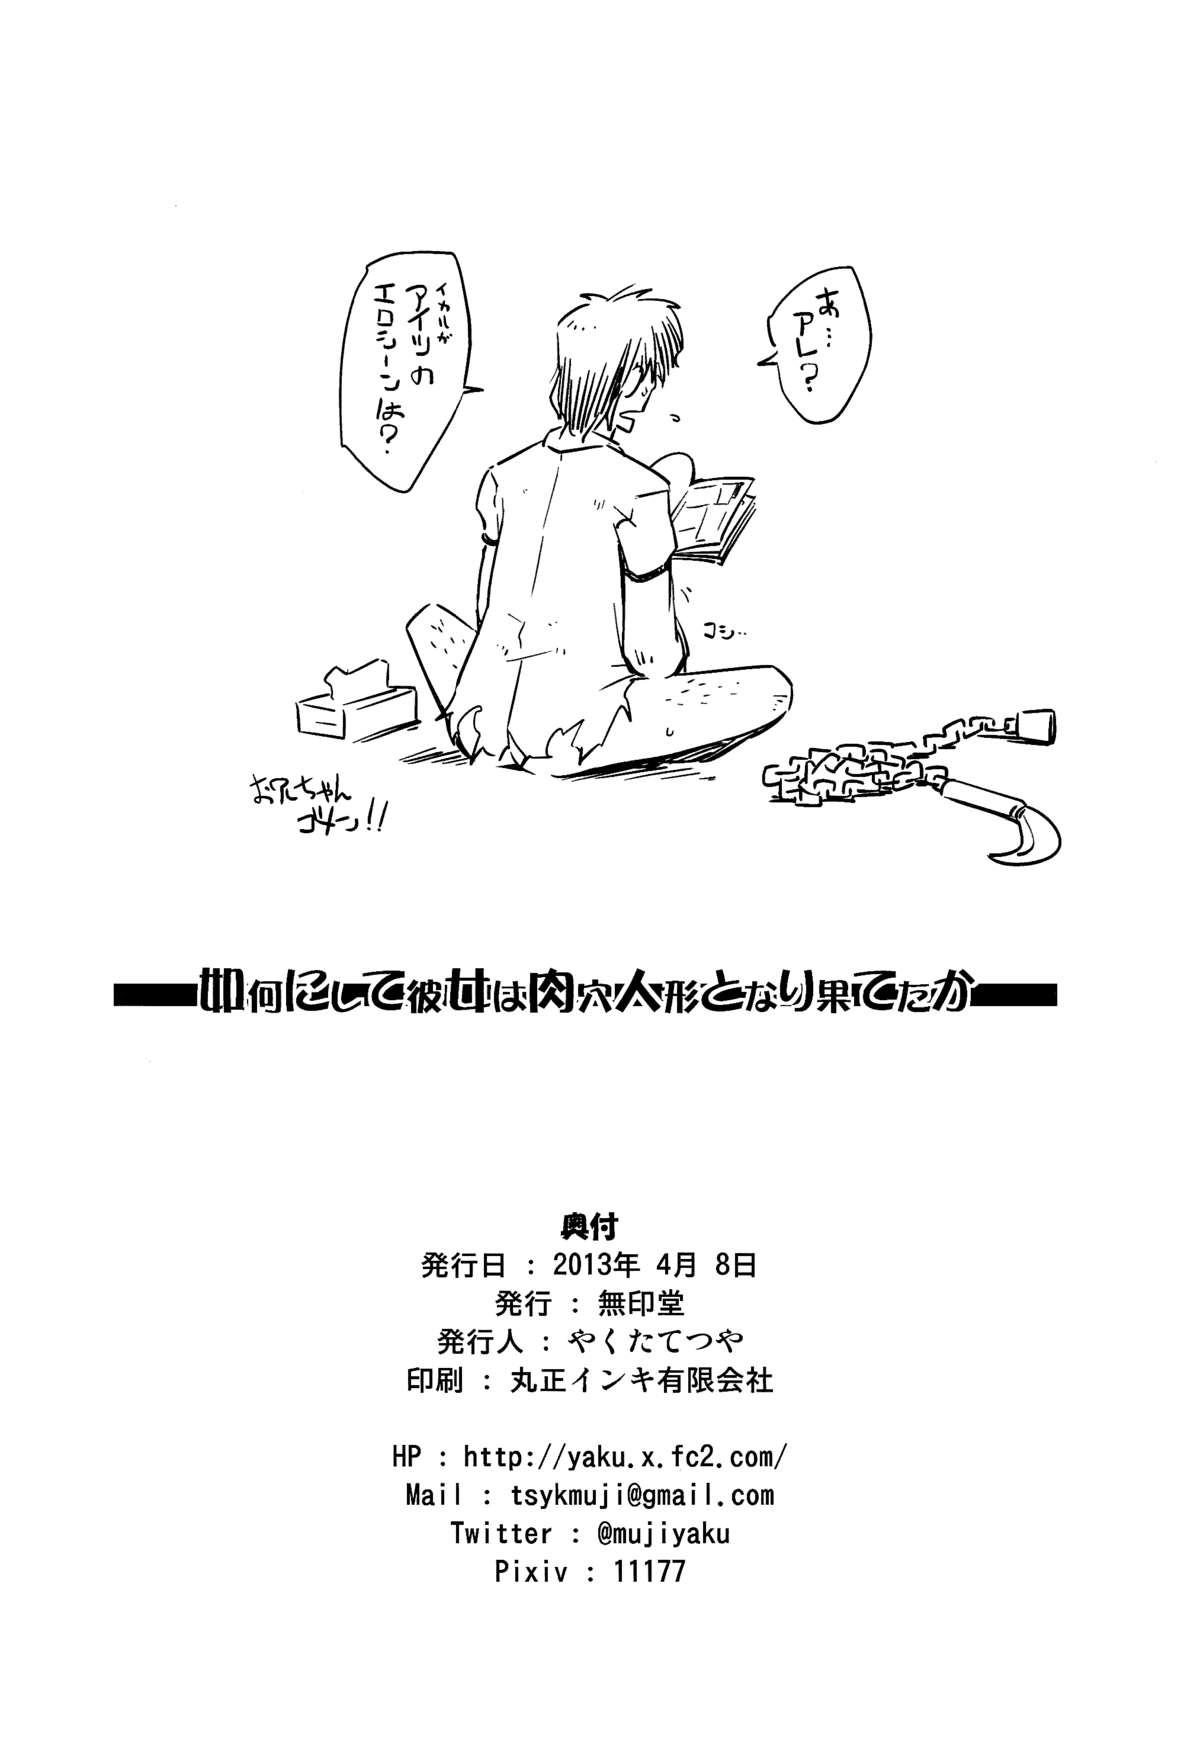 Ikanishite Kanojo wa Niku Ana Ningyou to Nari Hatetaka   Just How Did She End Up as a Flesh Hole Doll!? 20